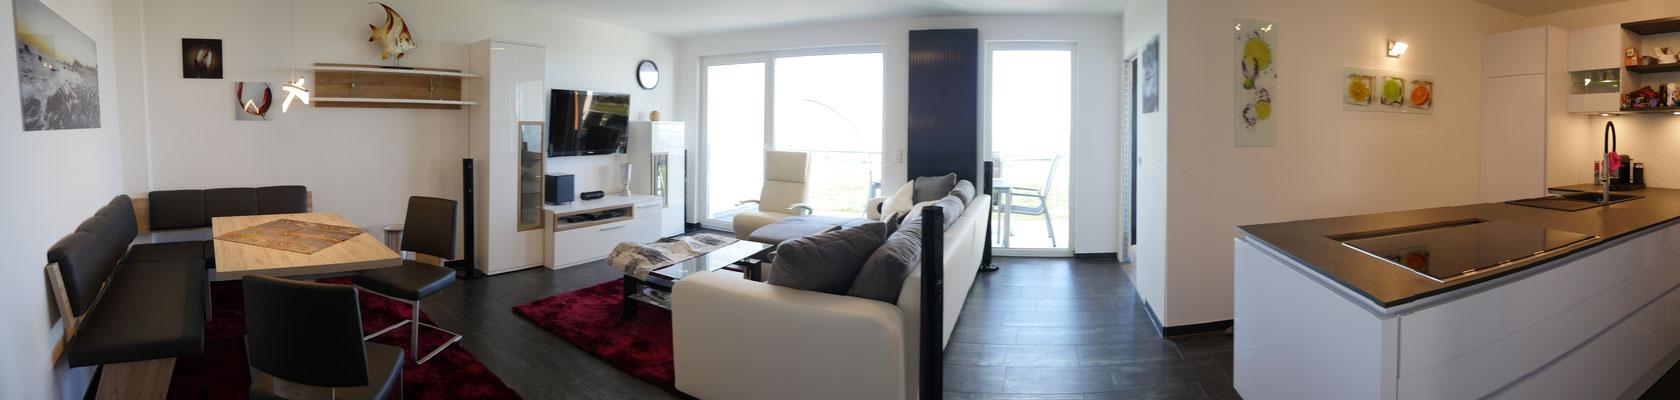 Panoramafoto des Wohn- Essbereiches und der Küche